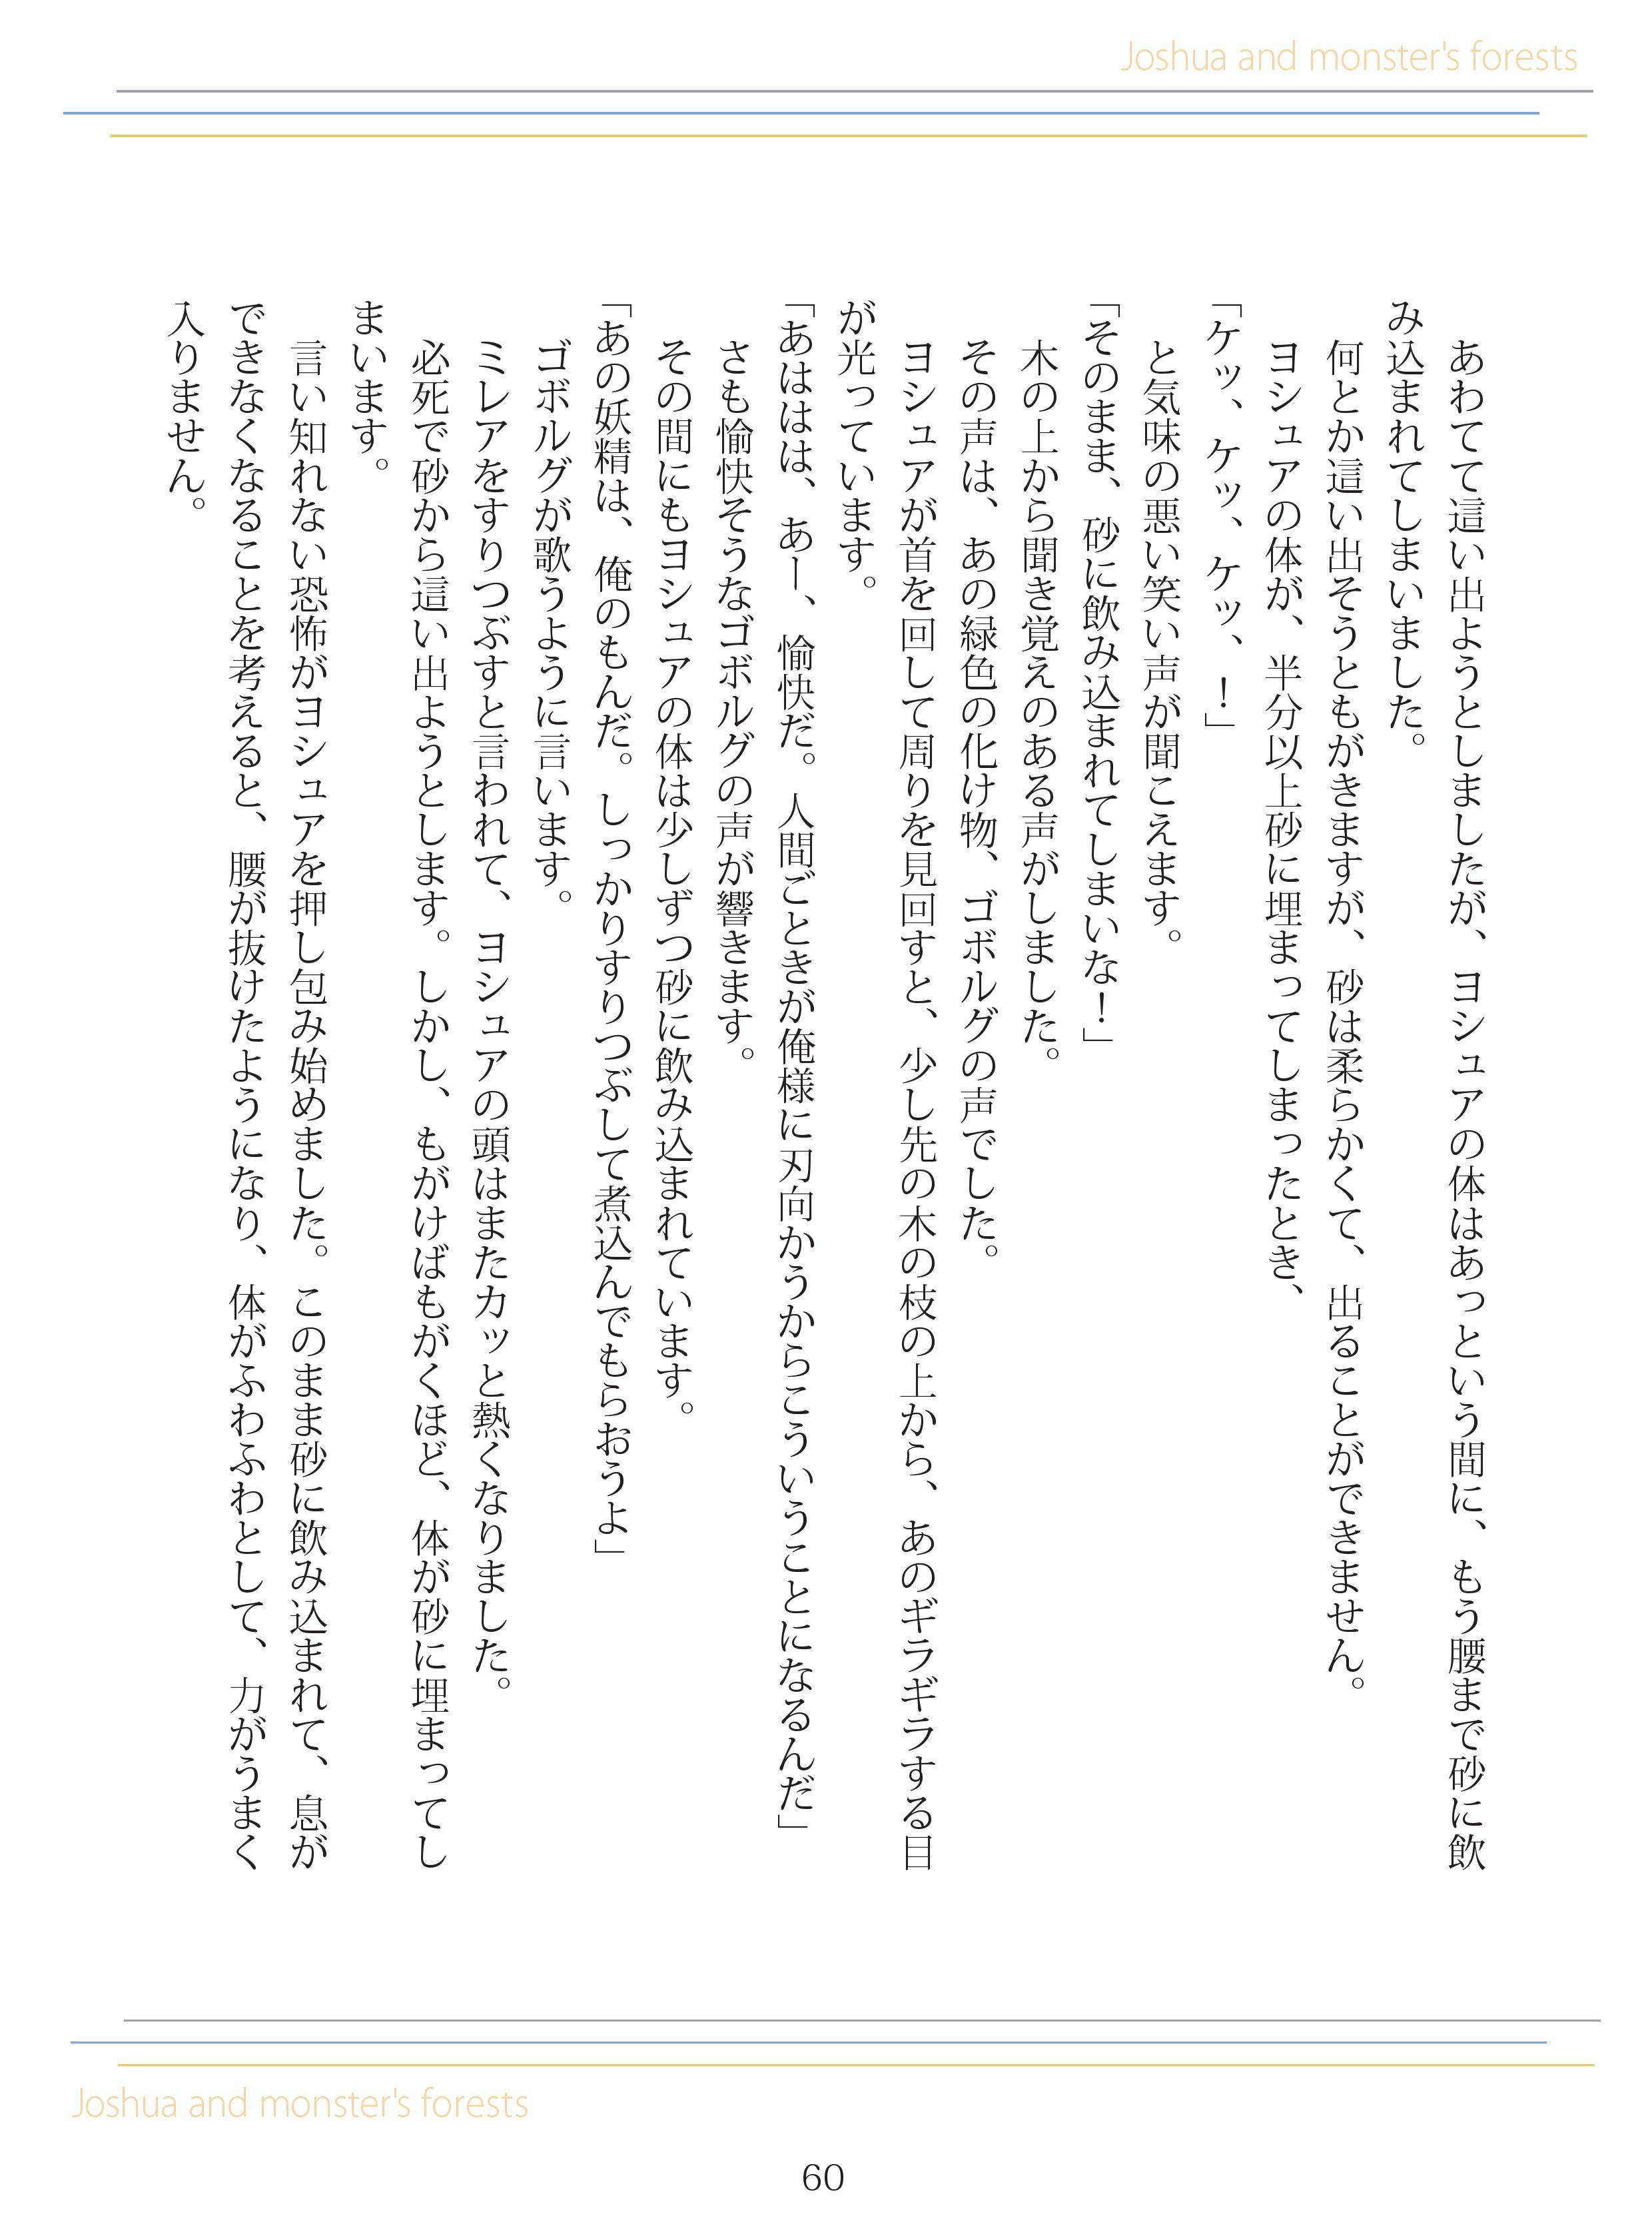 image_061